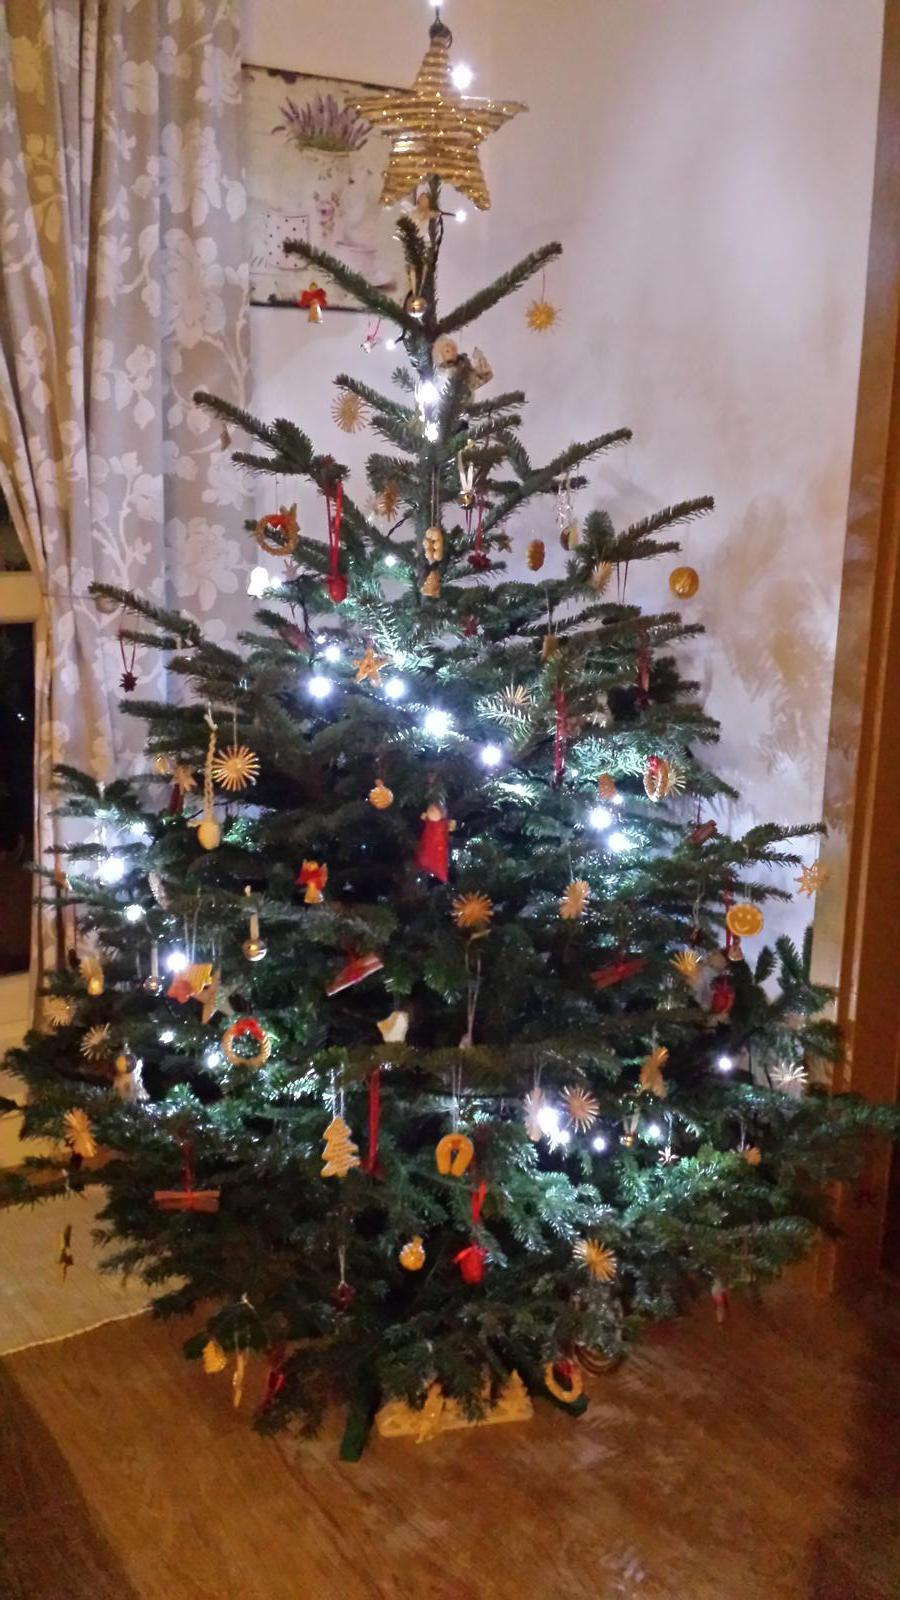 Našu prvú polročnicu sme si vychutnali pri zdobení stromčeka. Veselé Vianoce!;) - Obrázok č. 1